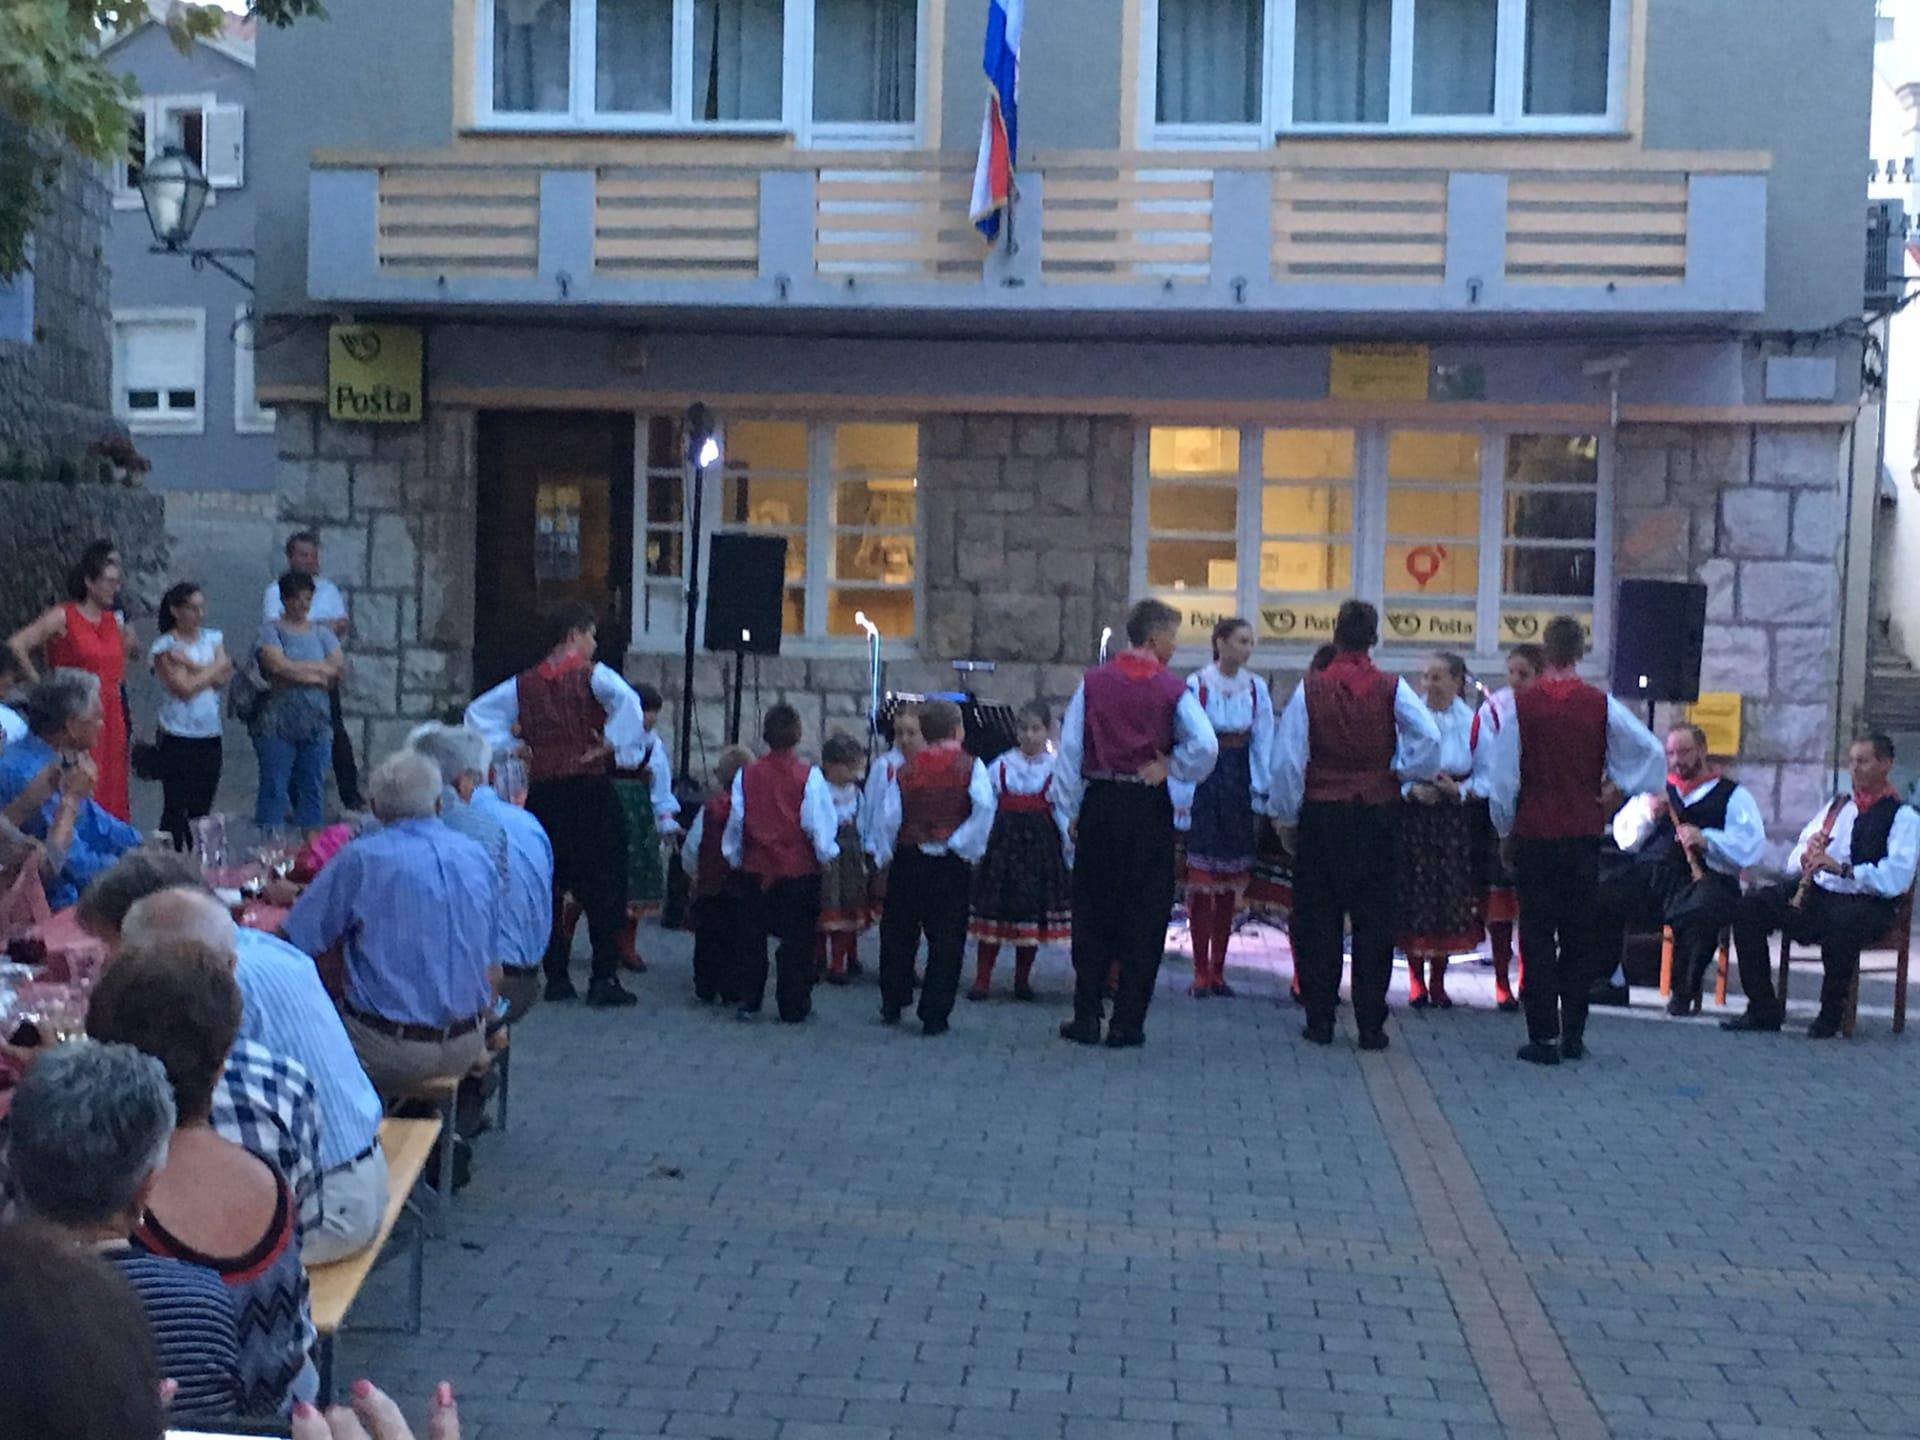 Lokalna skupina izvodi folklorni program (Foto: Glas Hrvatske/Damir Posavac)